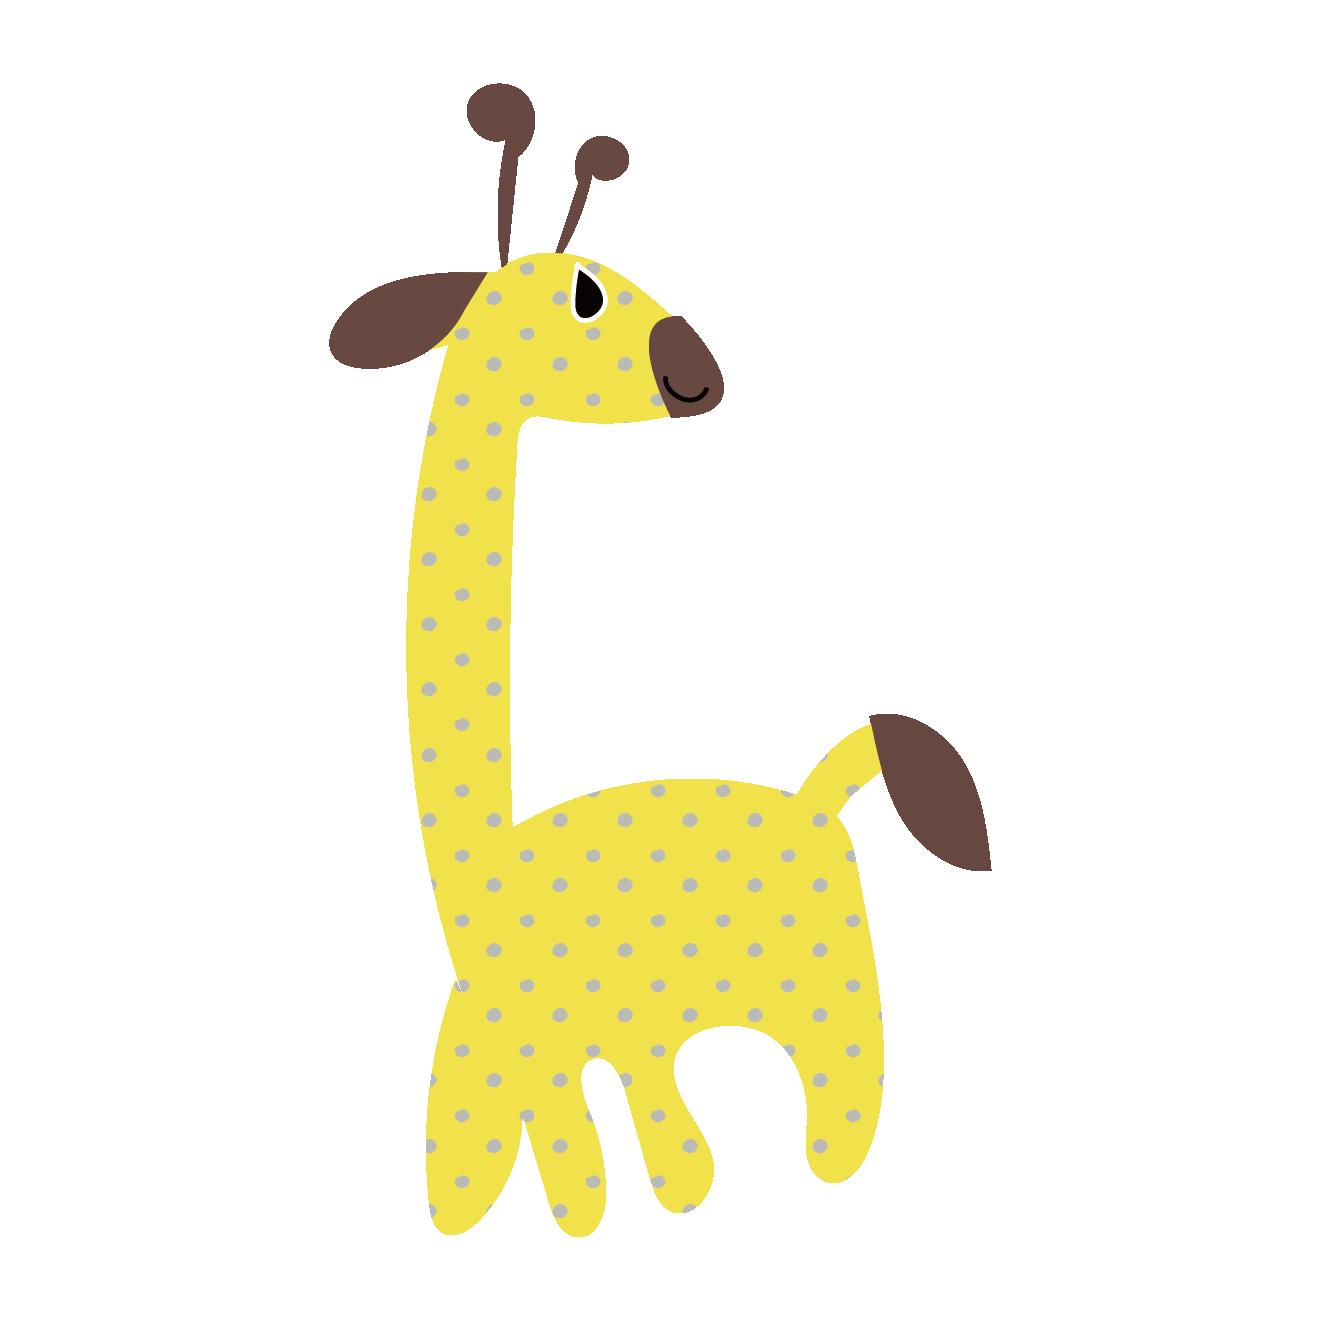 2018 年の「かわいいドット模様の麒麟(キリン・きりん)のワンポイント